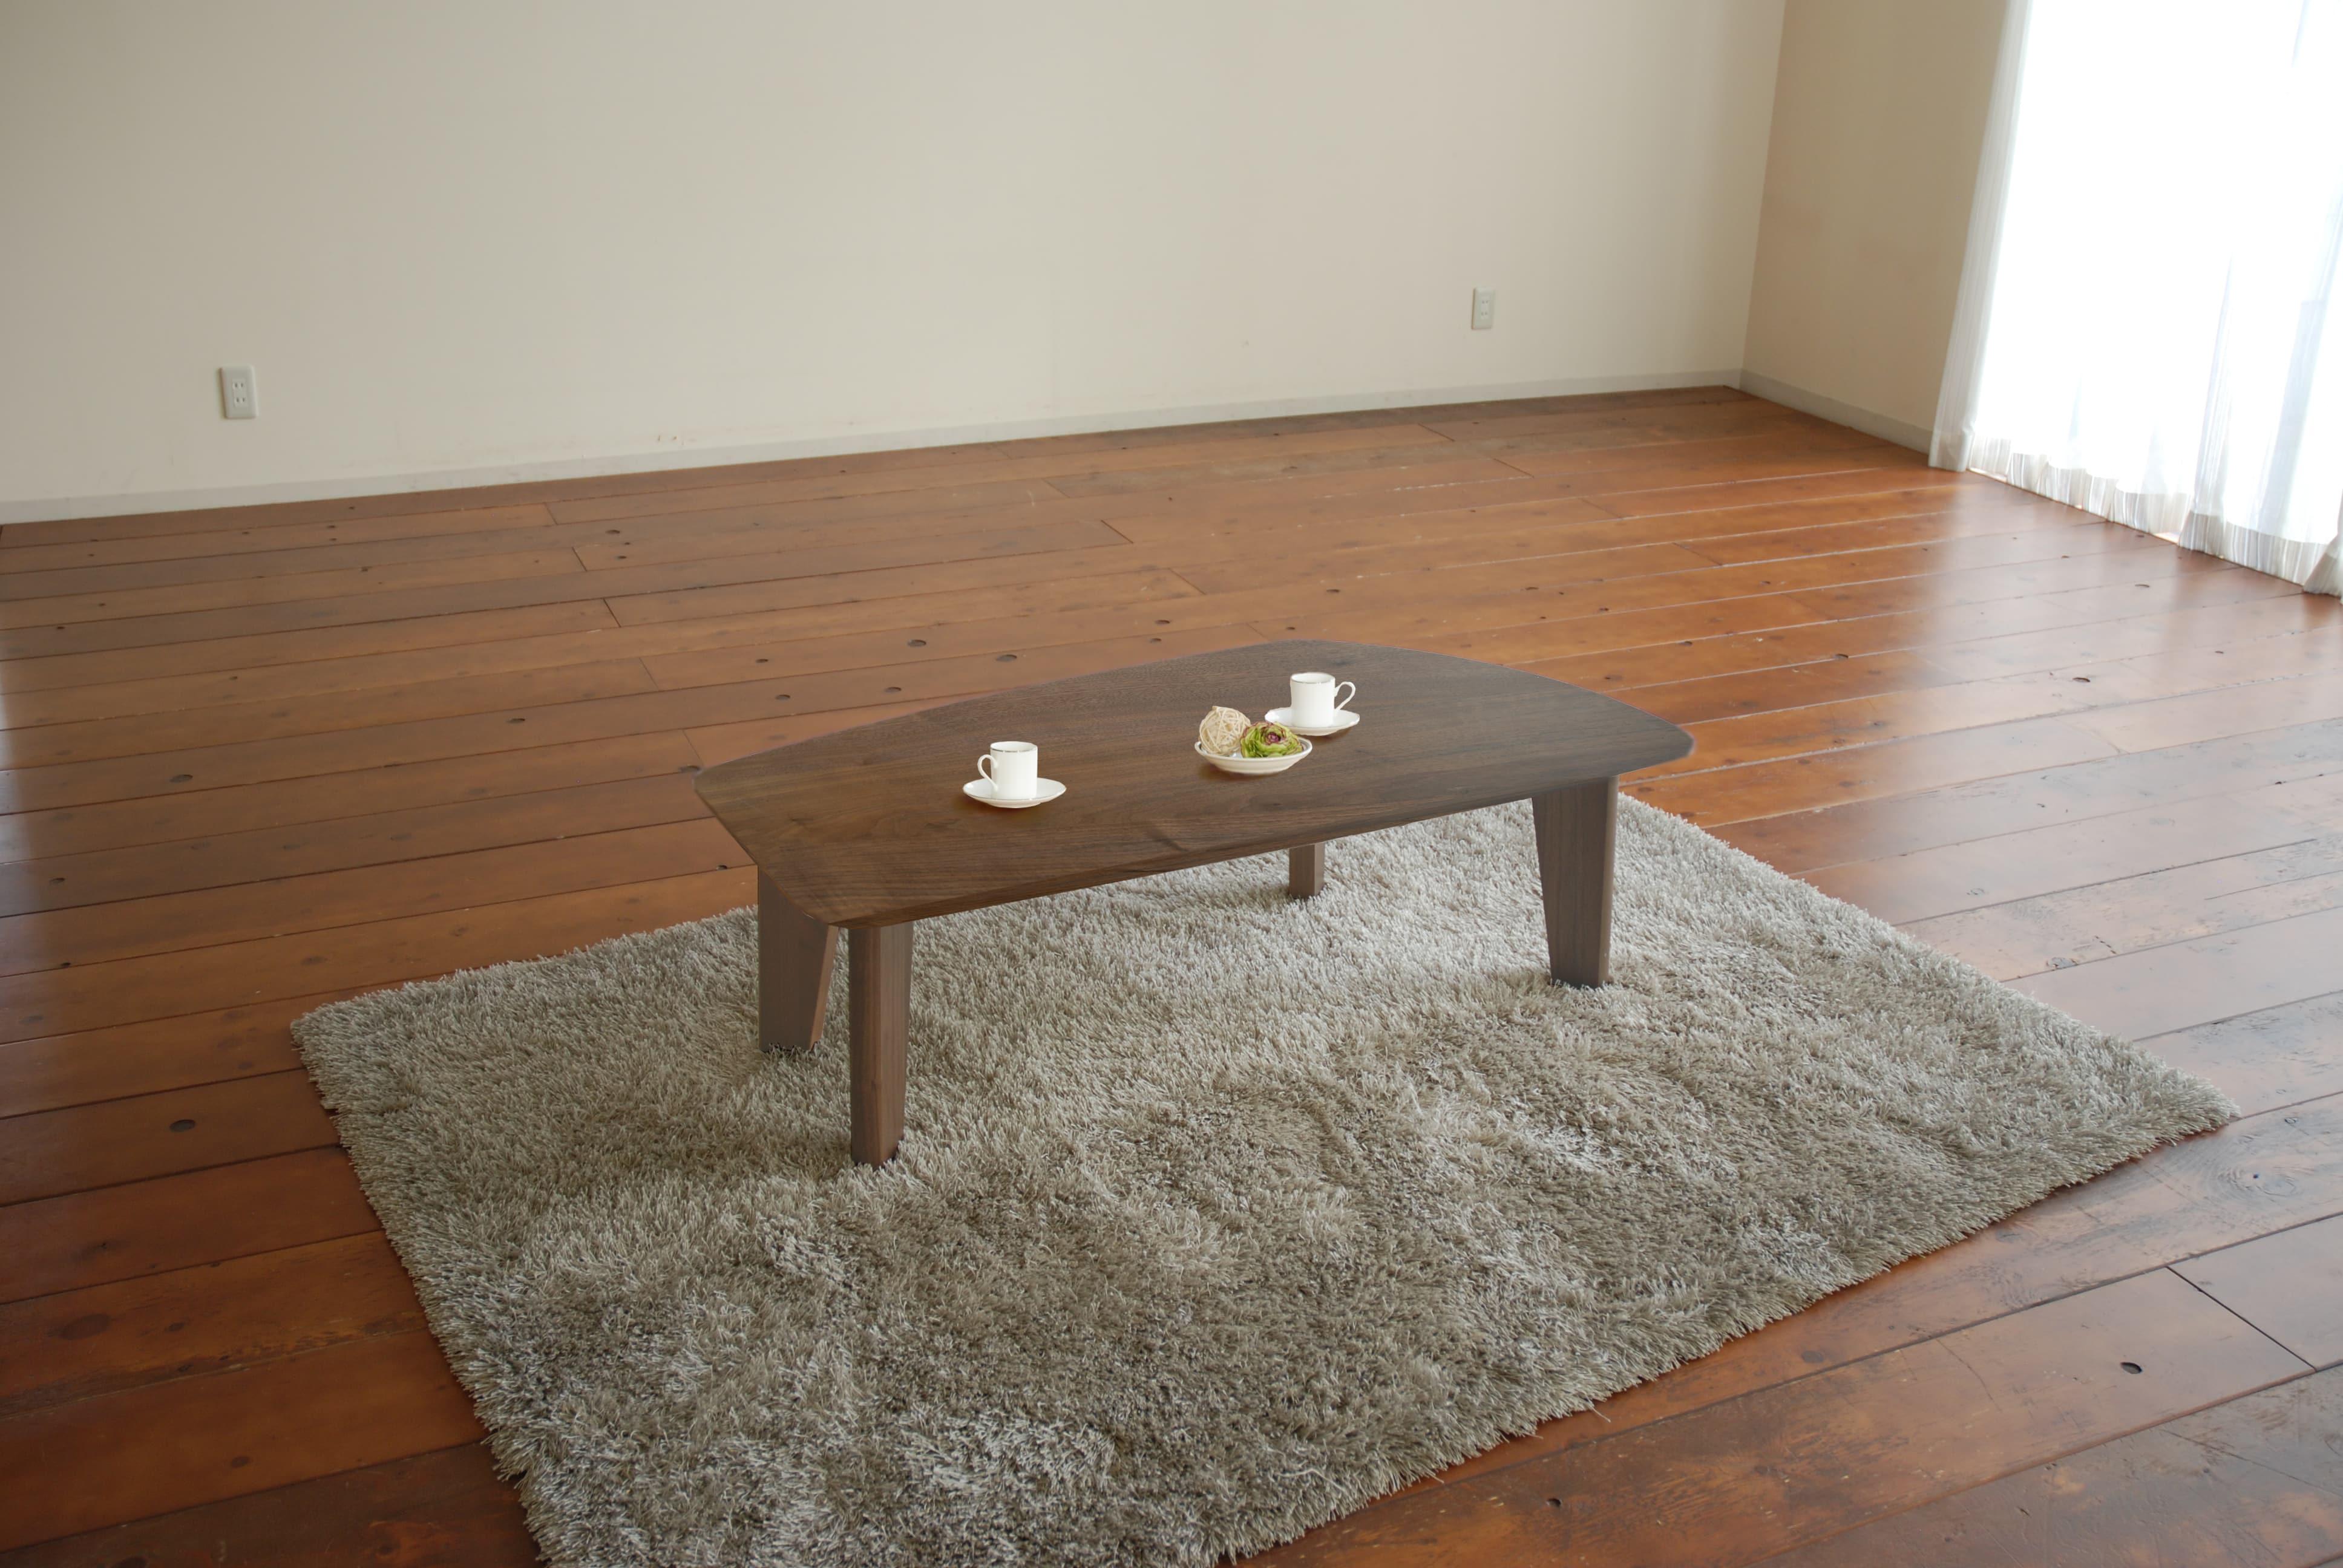 リビングテーブル ボート LT−497(変形120) RNブラウン:リビングテーブル ※写真はイメージです